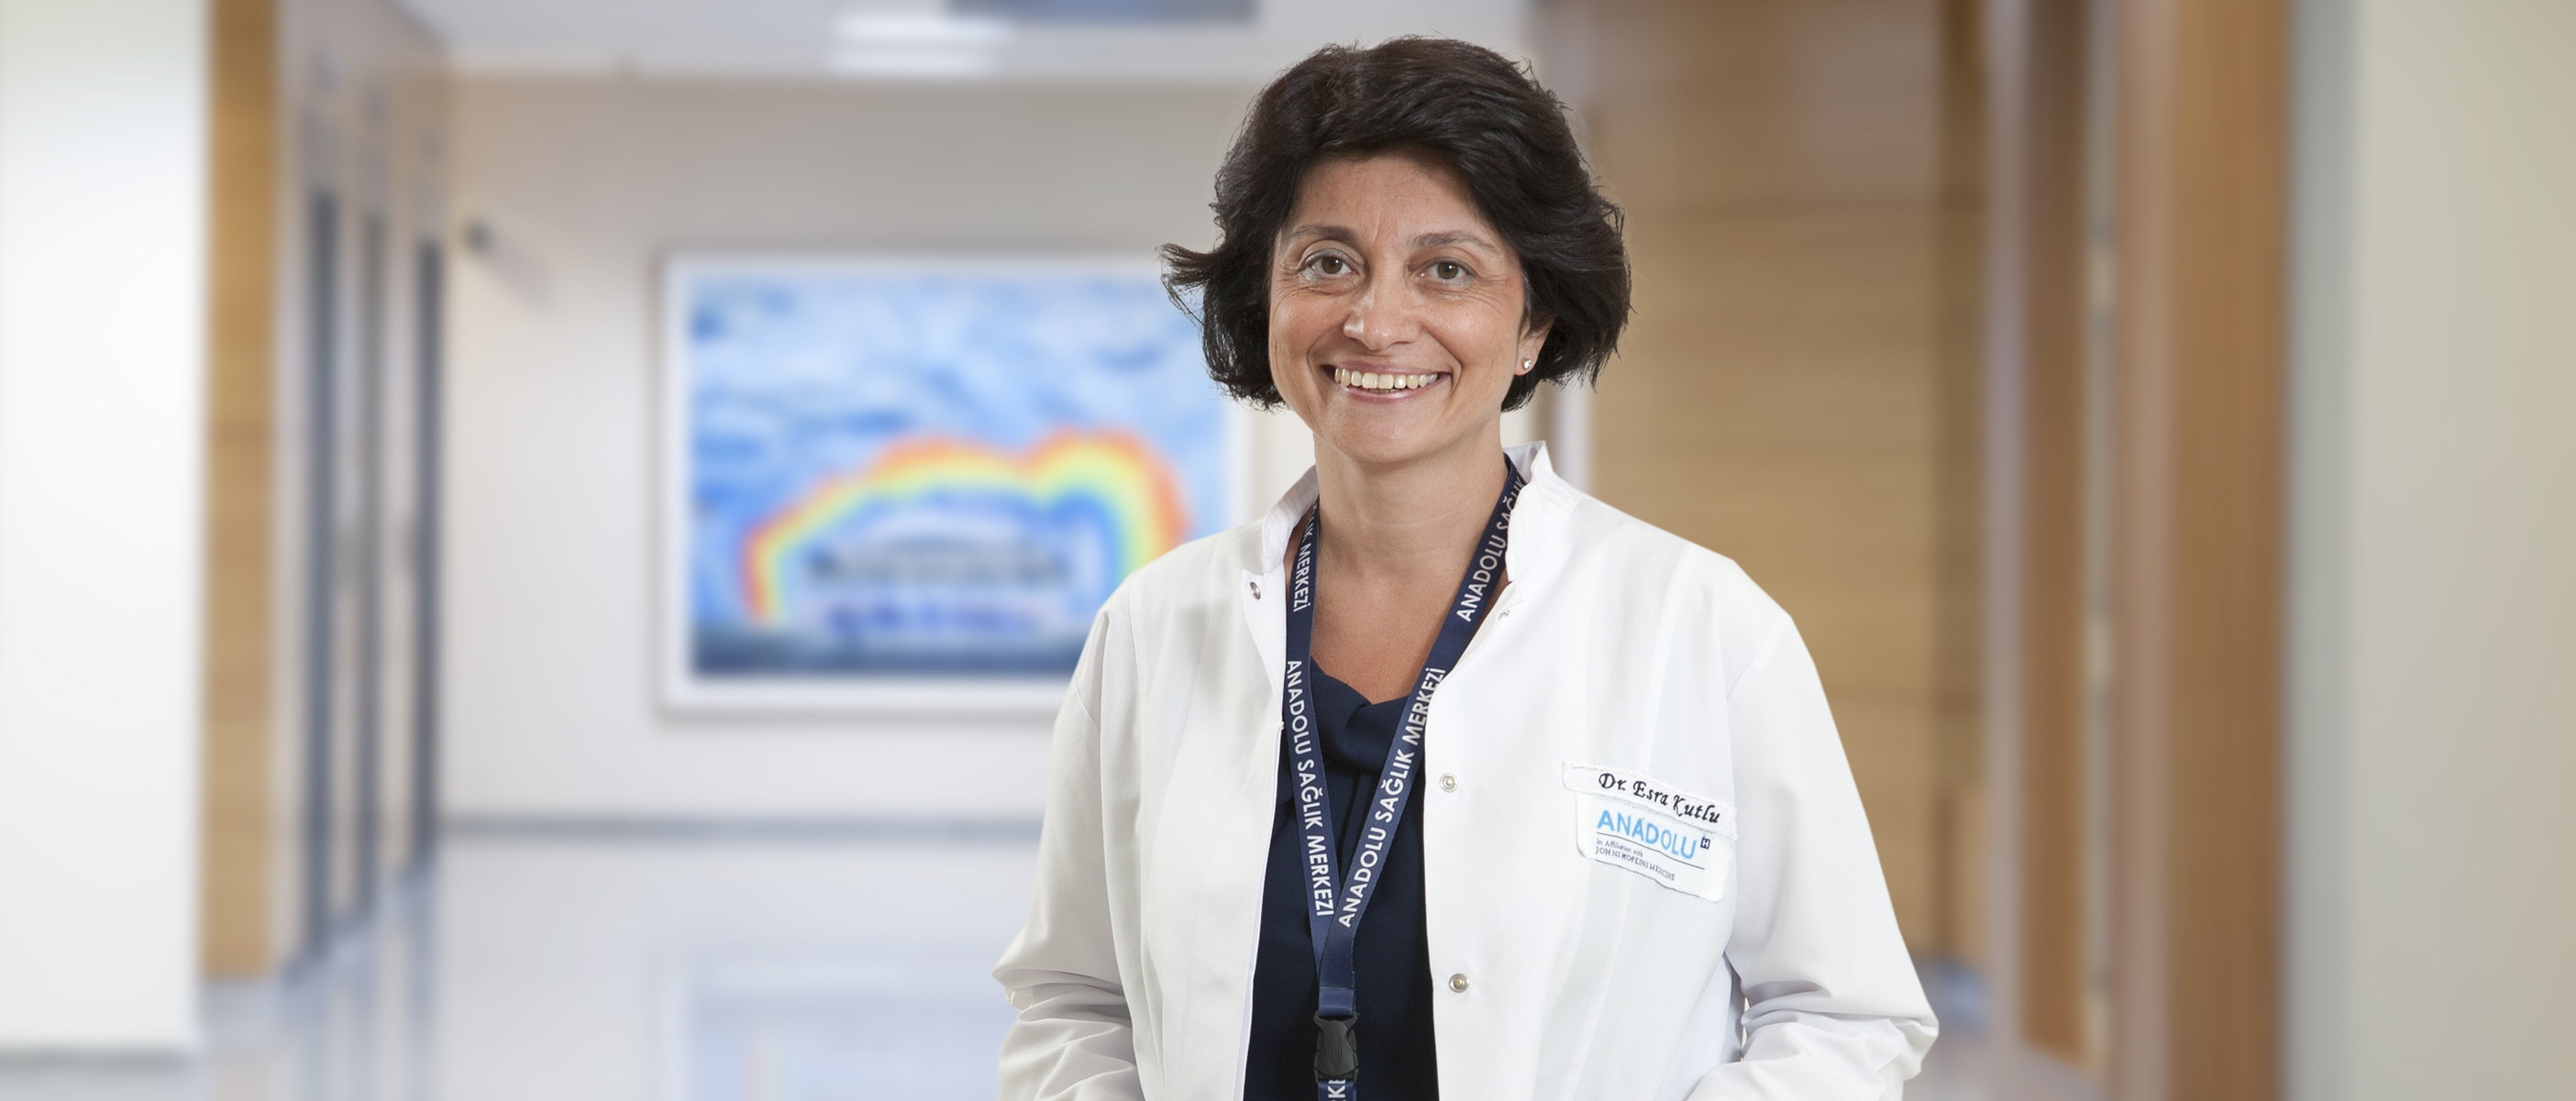 Гюнер Эсра Кутлу — квалифицированная помощь в медицинском центре Anadolu